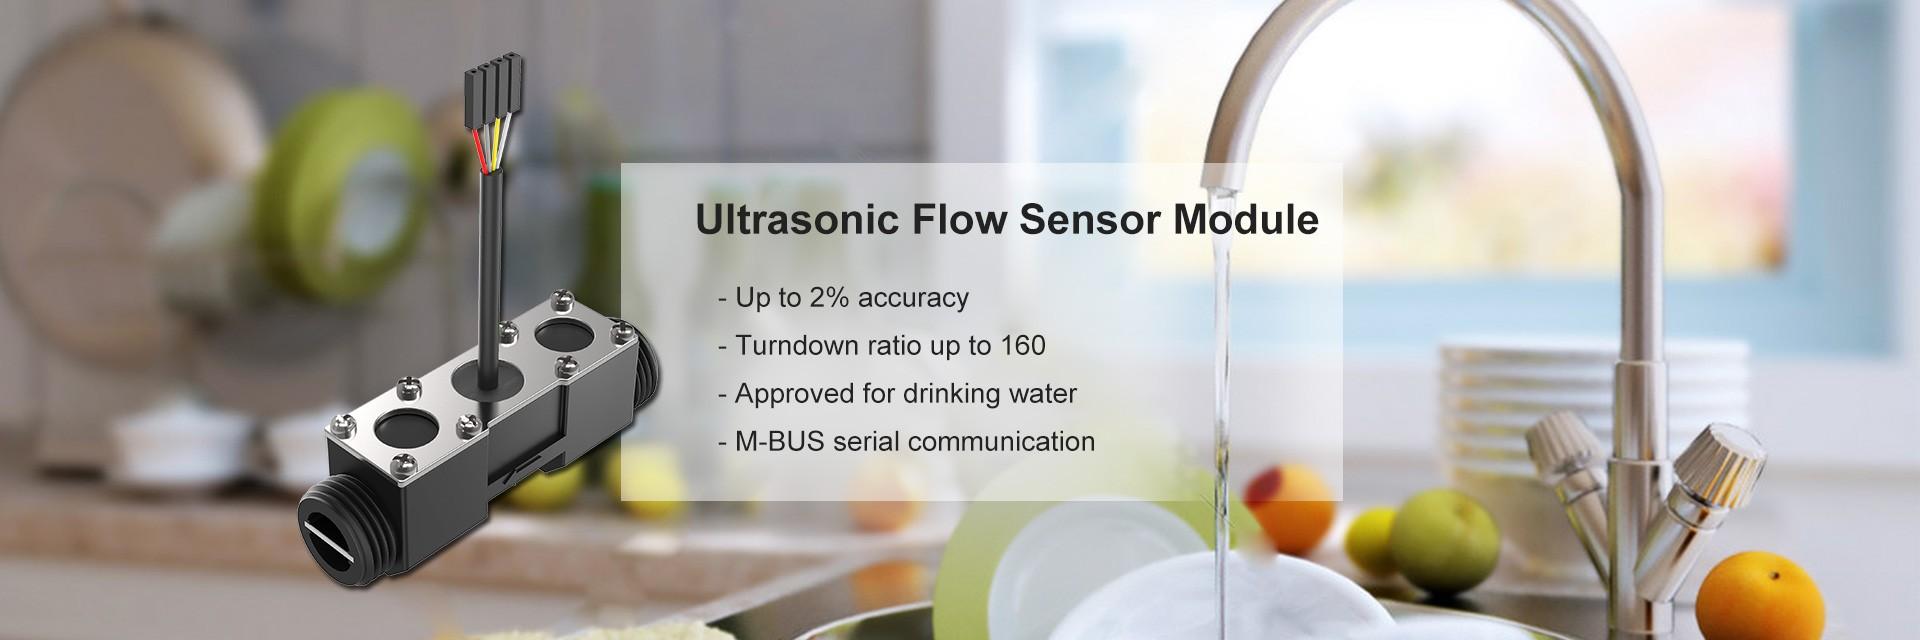 Modulul senzorului de debit cu ultrasunete